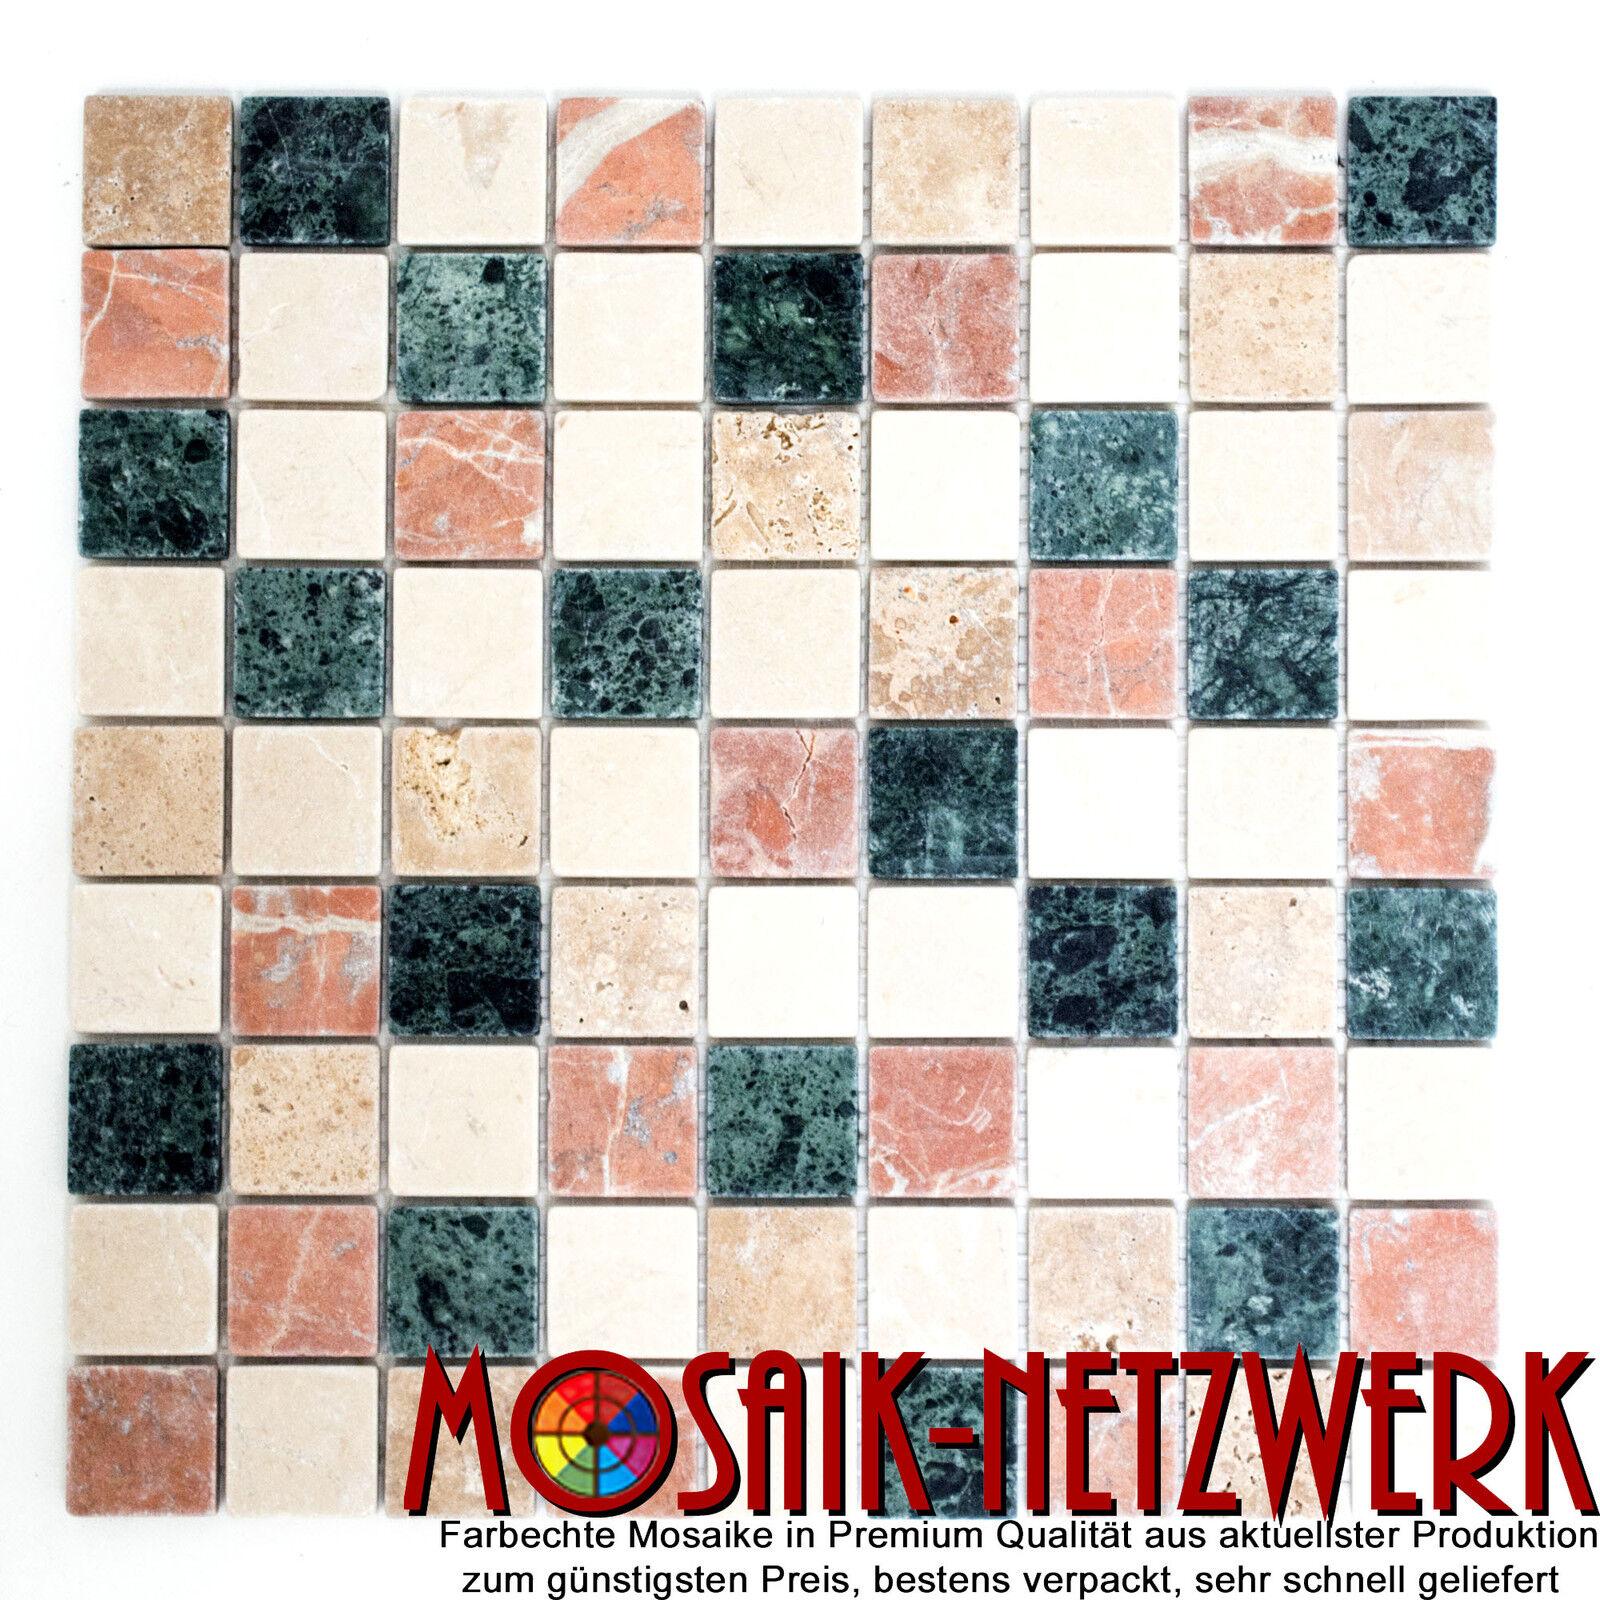 Marmormosaik mix Random Fliesenspiegel Wandverkleidung Art  42-1204   10 Matten